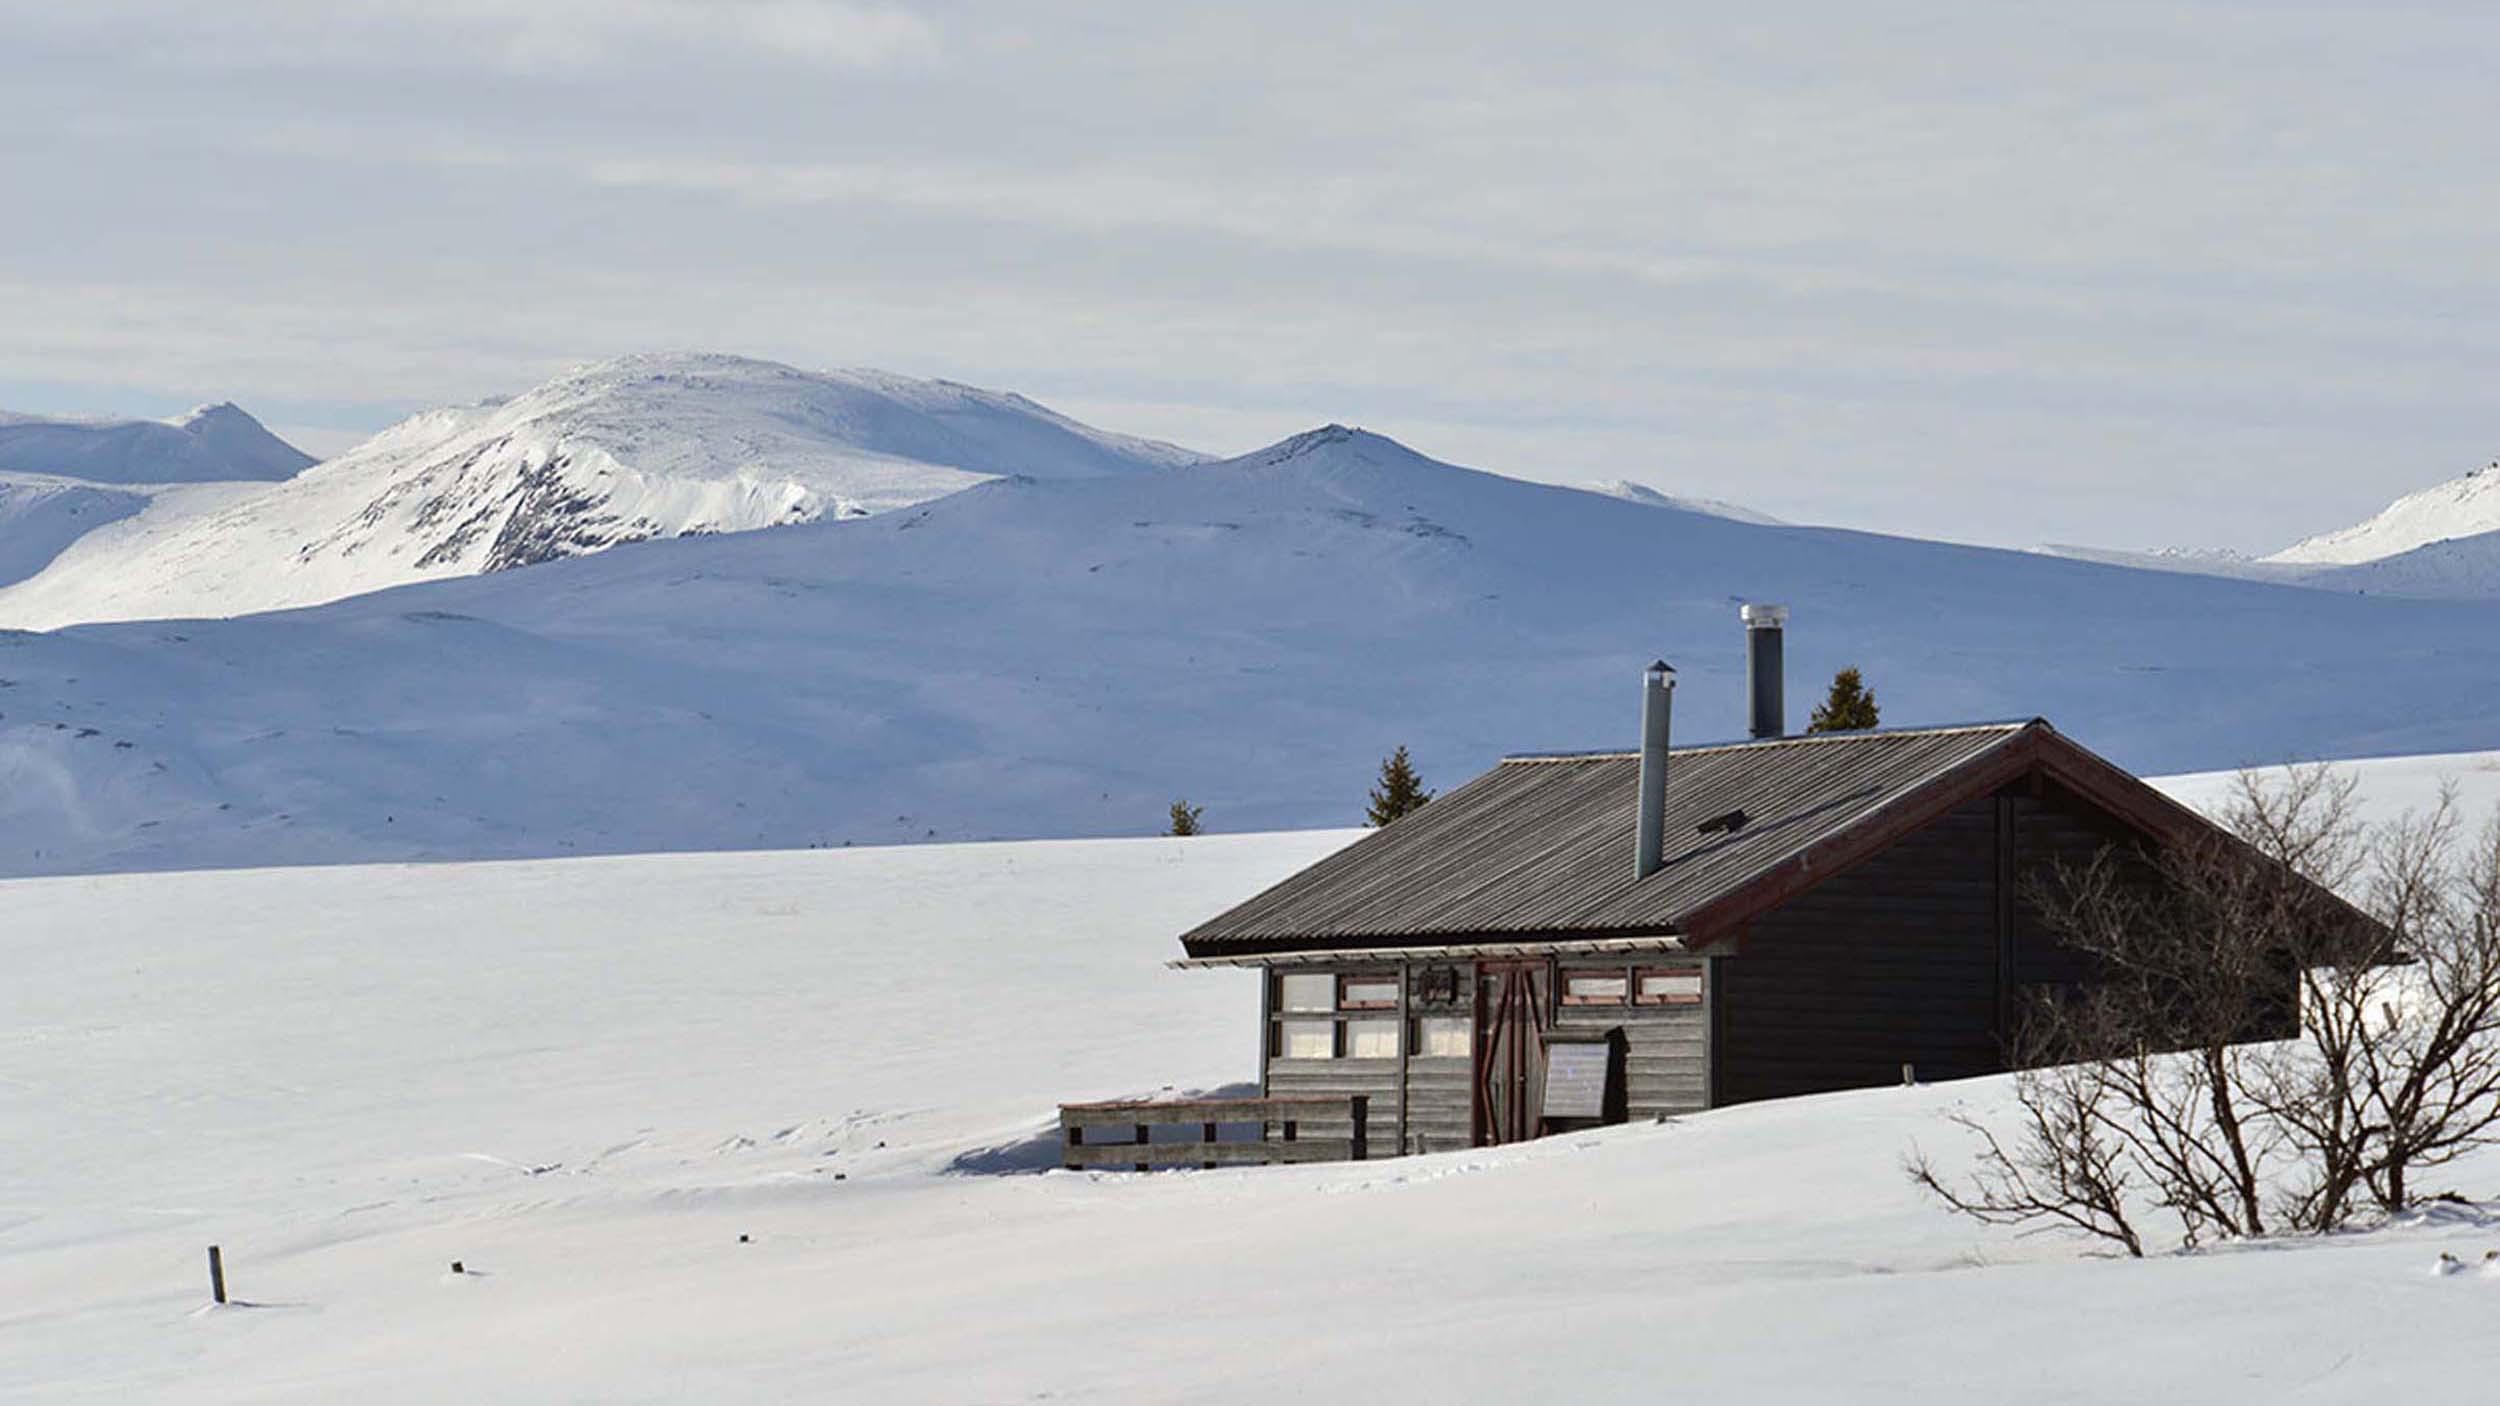 Ålhytte-klar-for-påskegjester_SVA2009.jpg